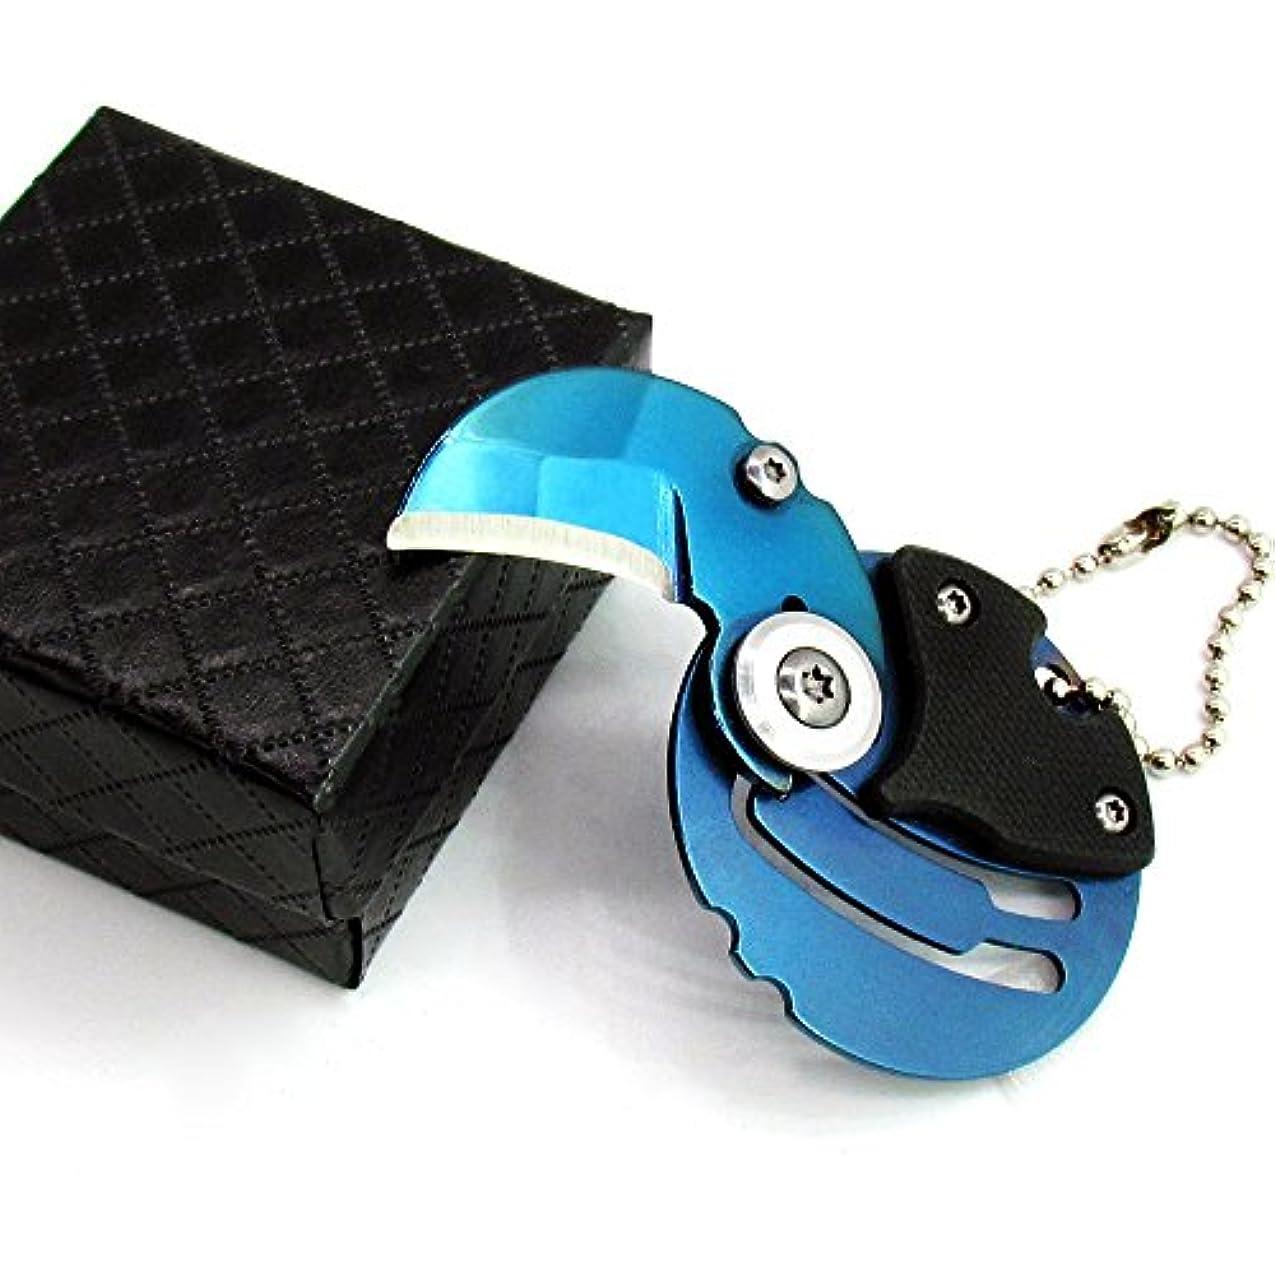 裁判所結紮到着するコイン形状折りたたみポケットナイフYMWクリエイティブセーフティロックボタンステンレス鋼屋外シャープミニツールフェスティバルギフト(4色)1 Knife